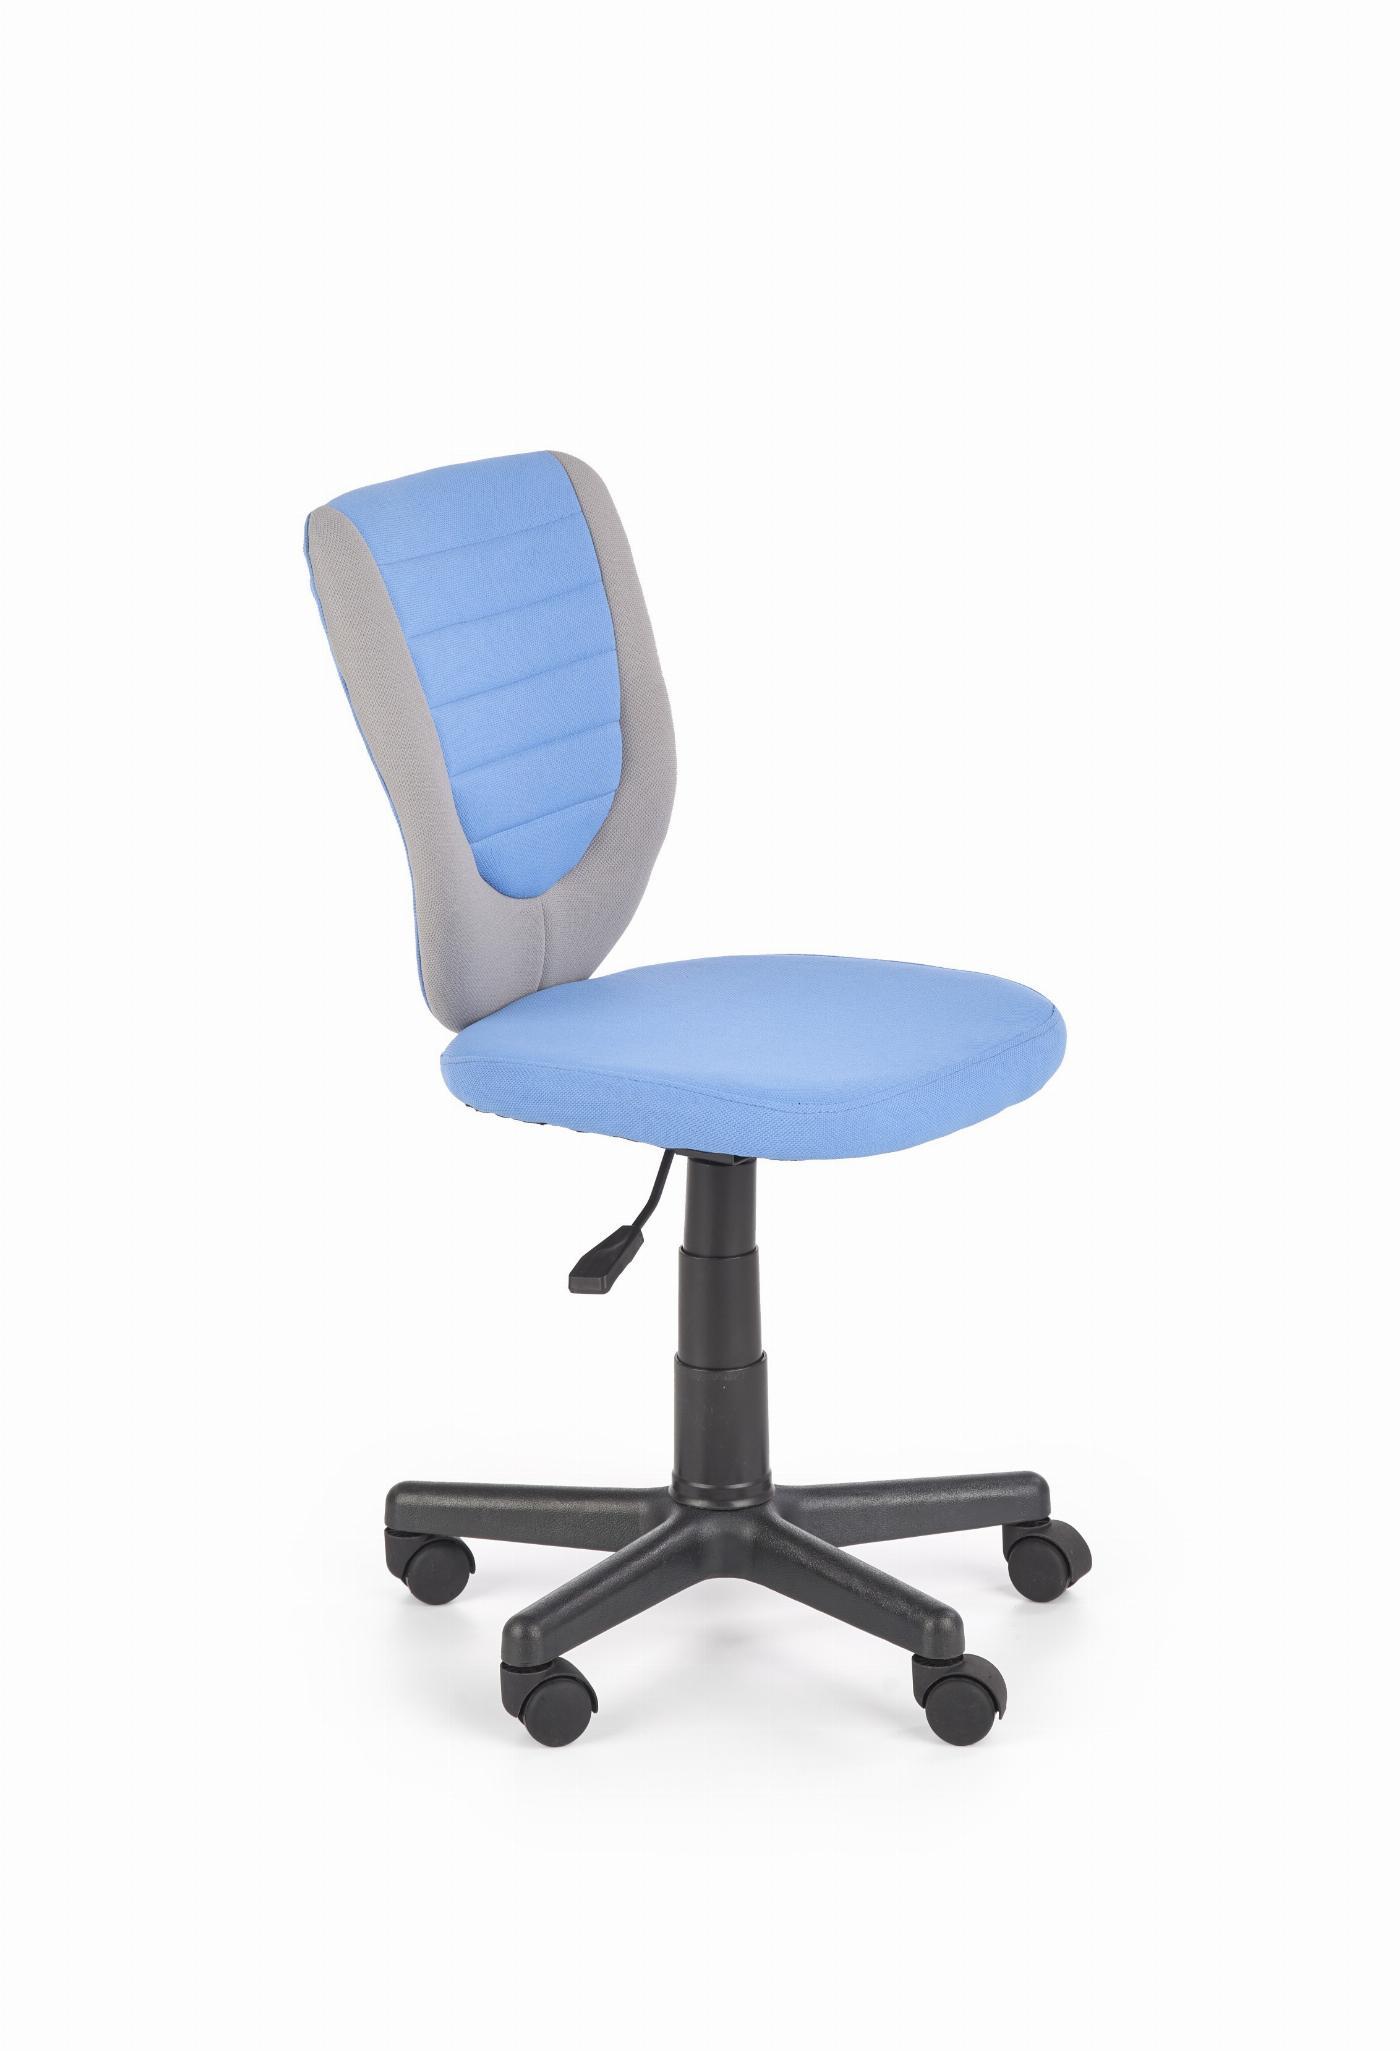 TOBY fotel młodzieżowy popielaty / niebieski